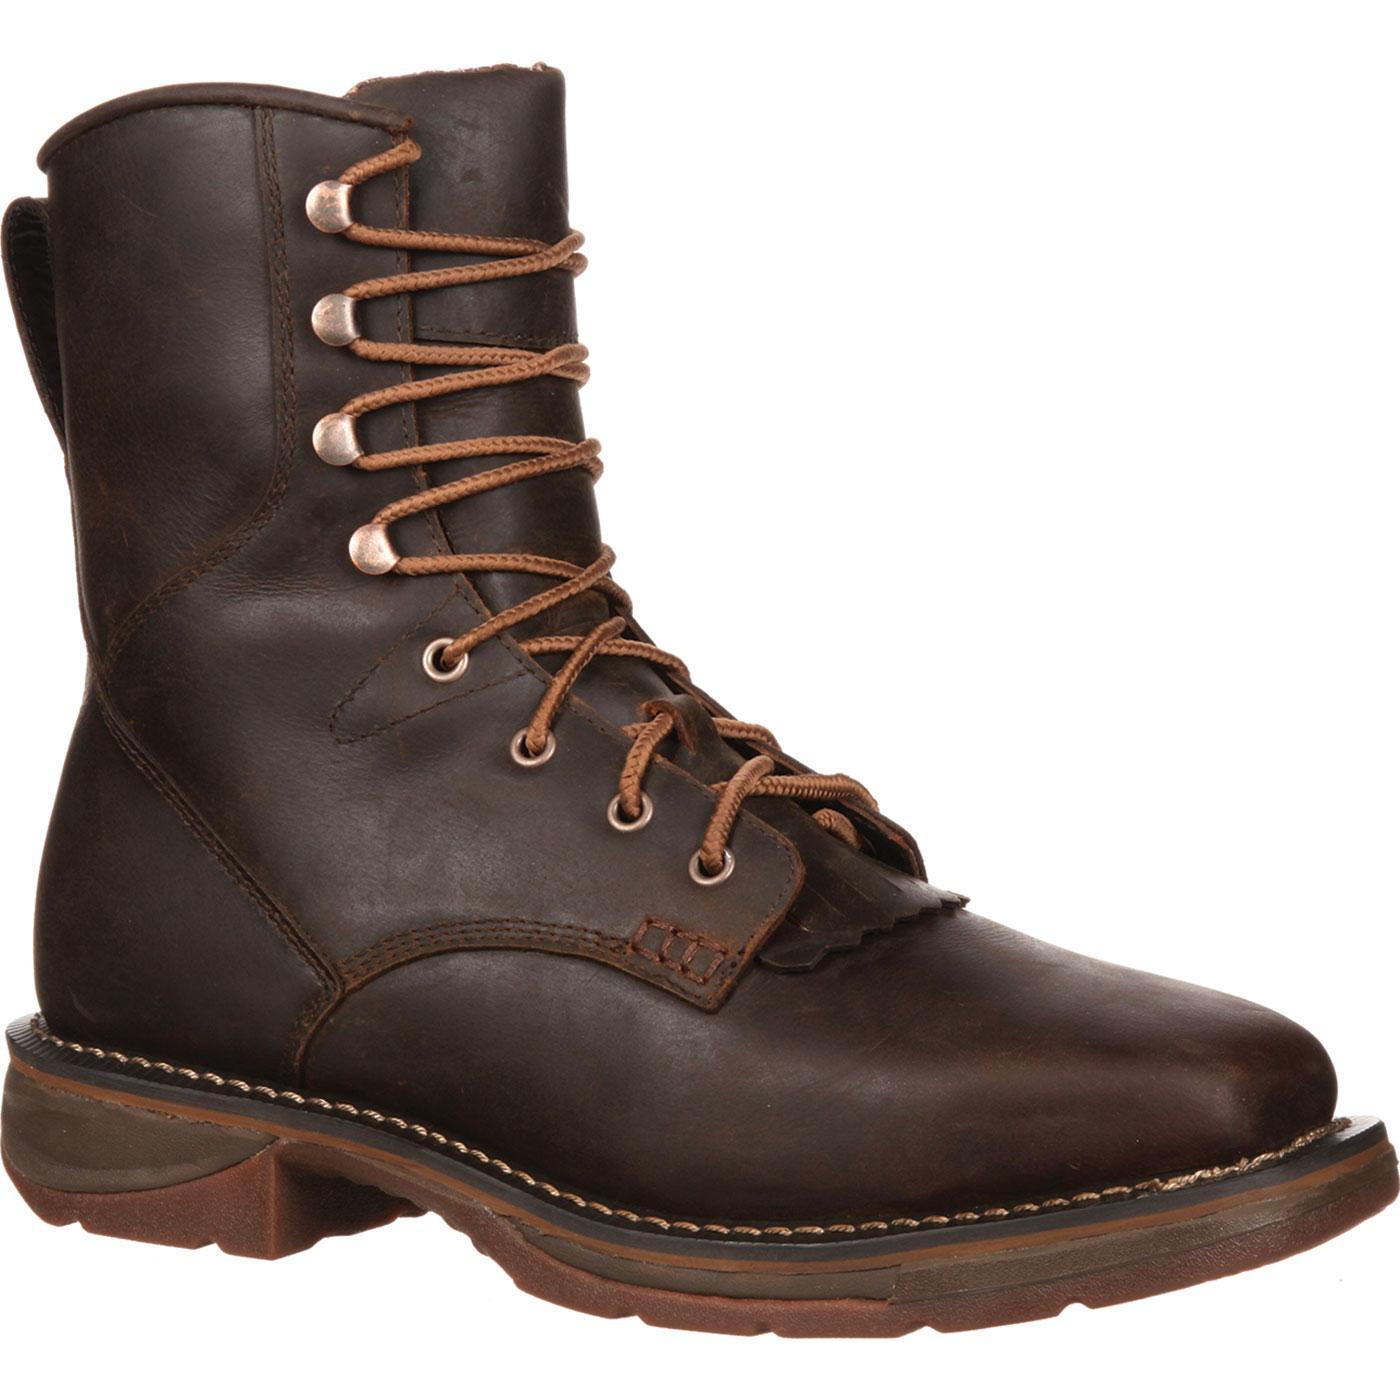 6b451de166f Workin' Rebel by Durango Steel Toe Waterproof Western Lacer Boot